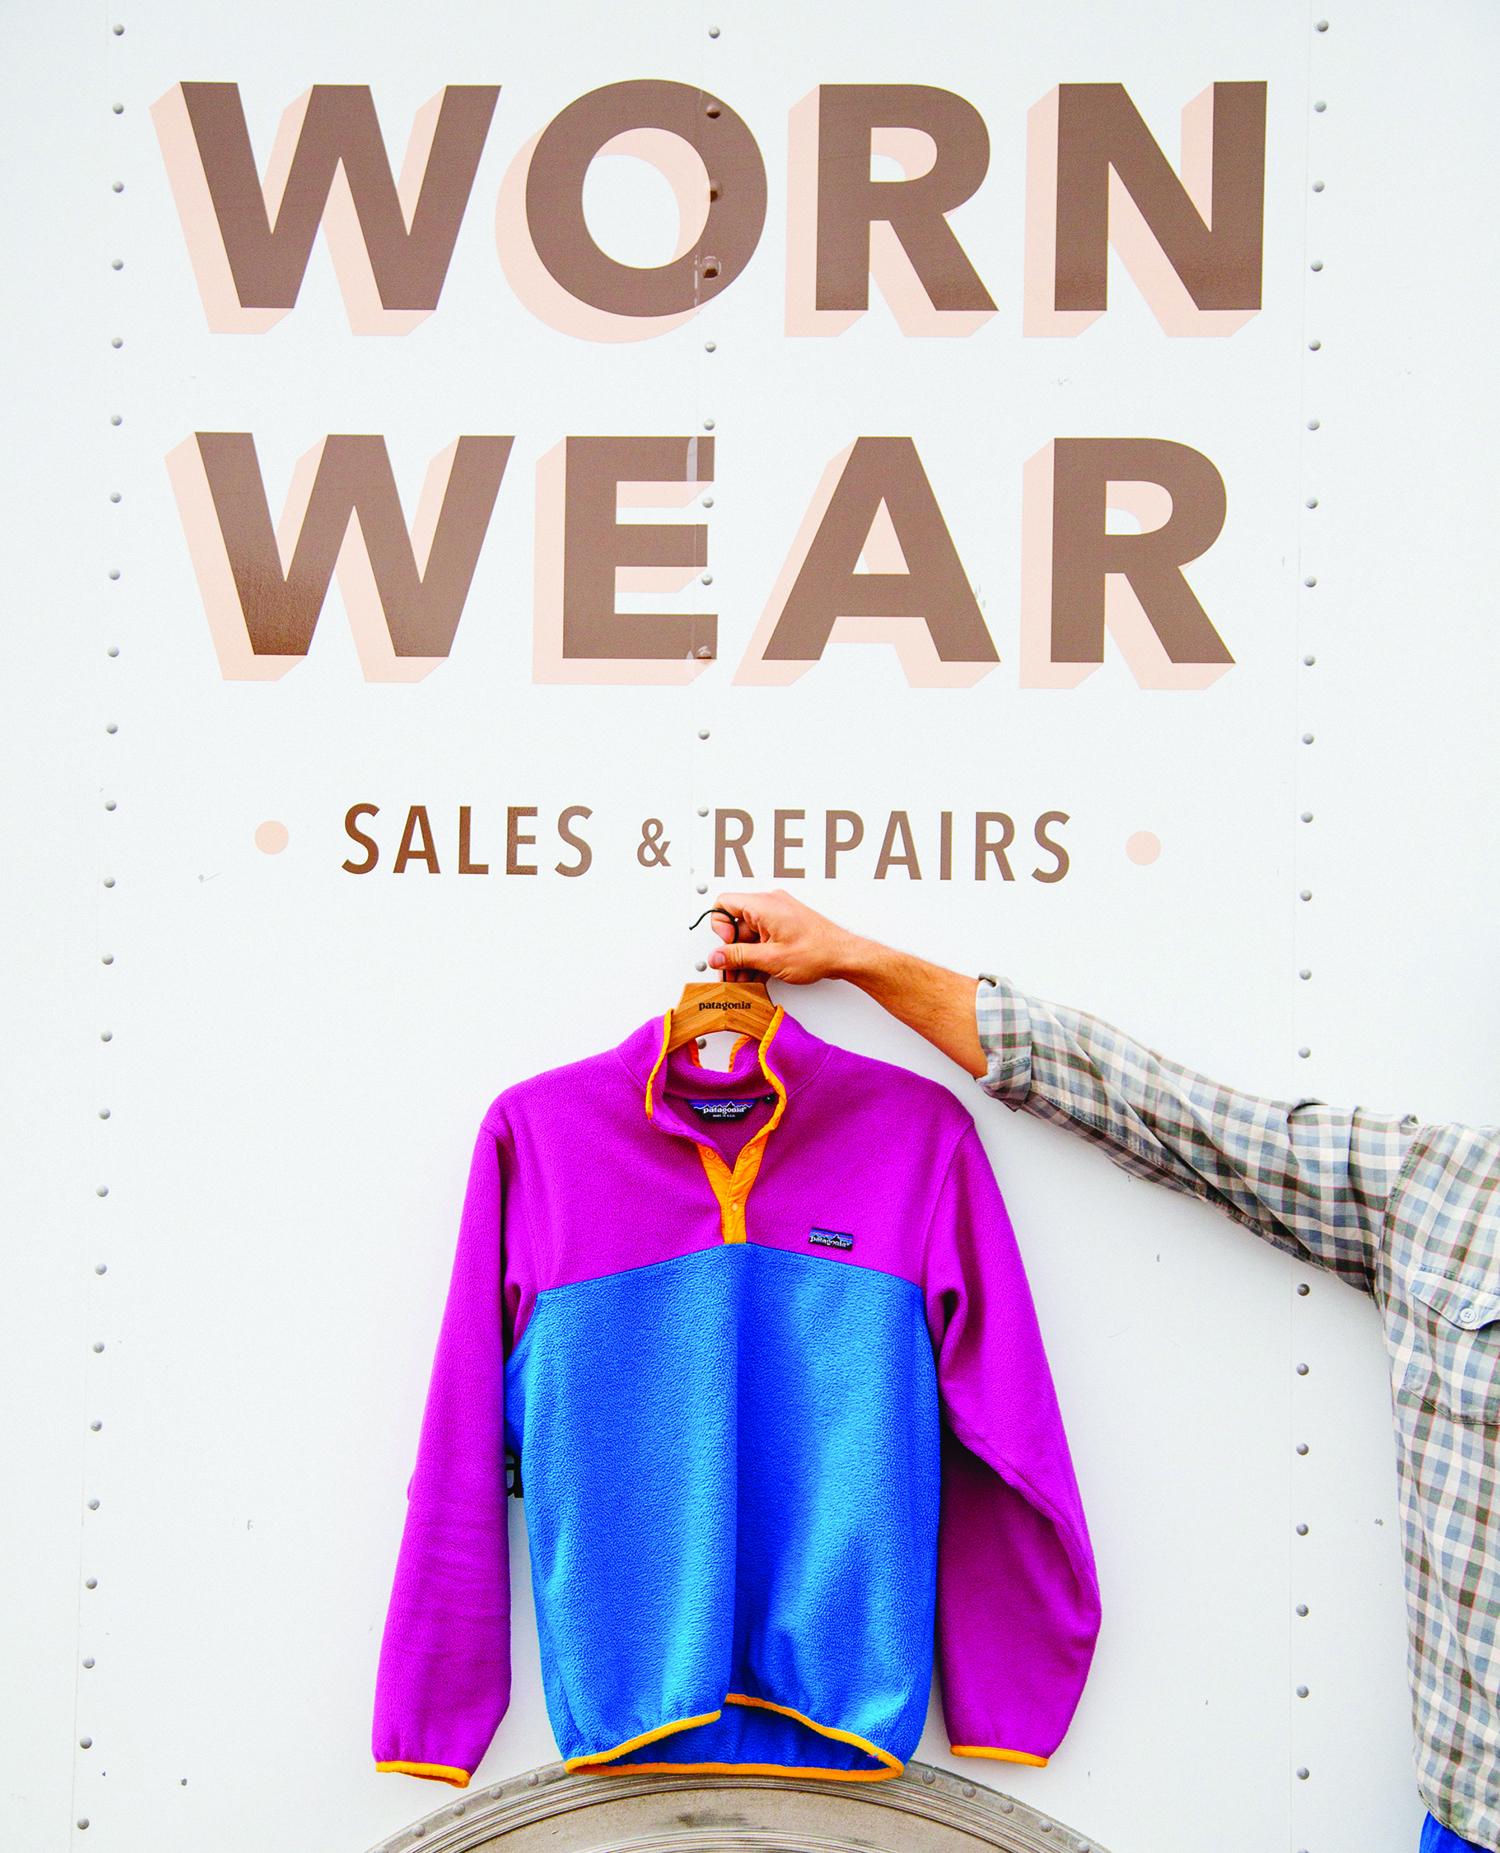 Worn Wear - so lautet das Motto!